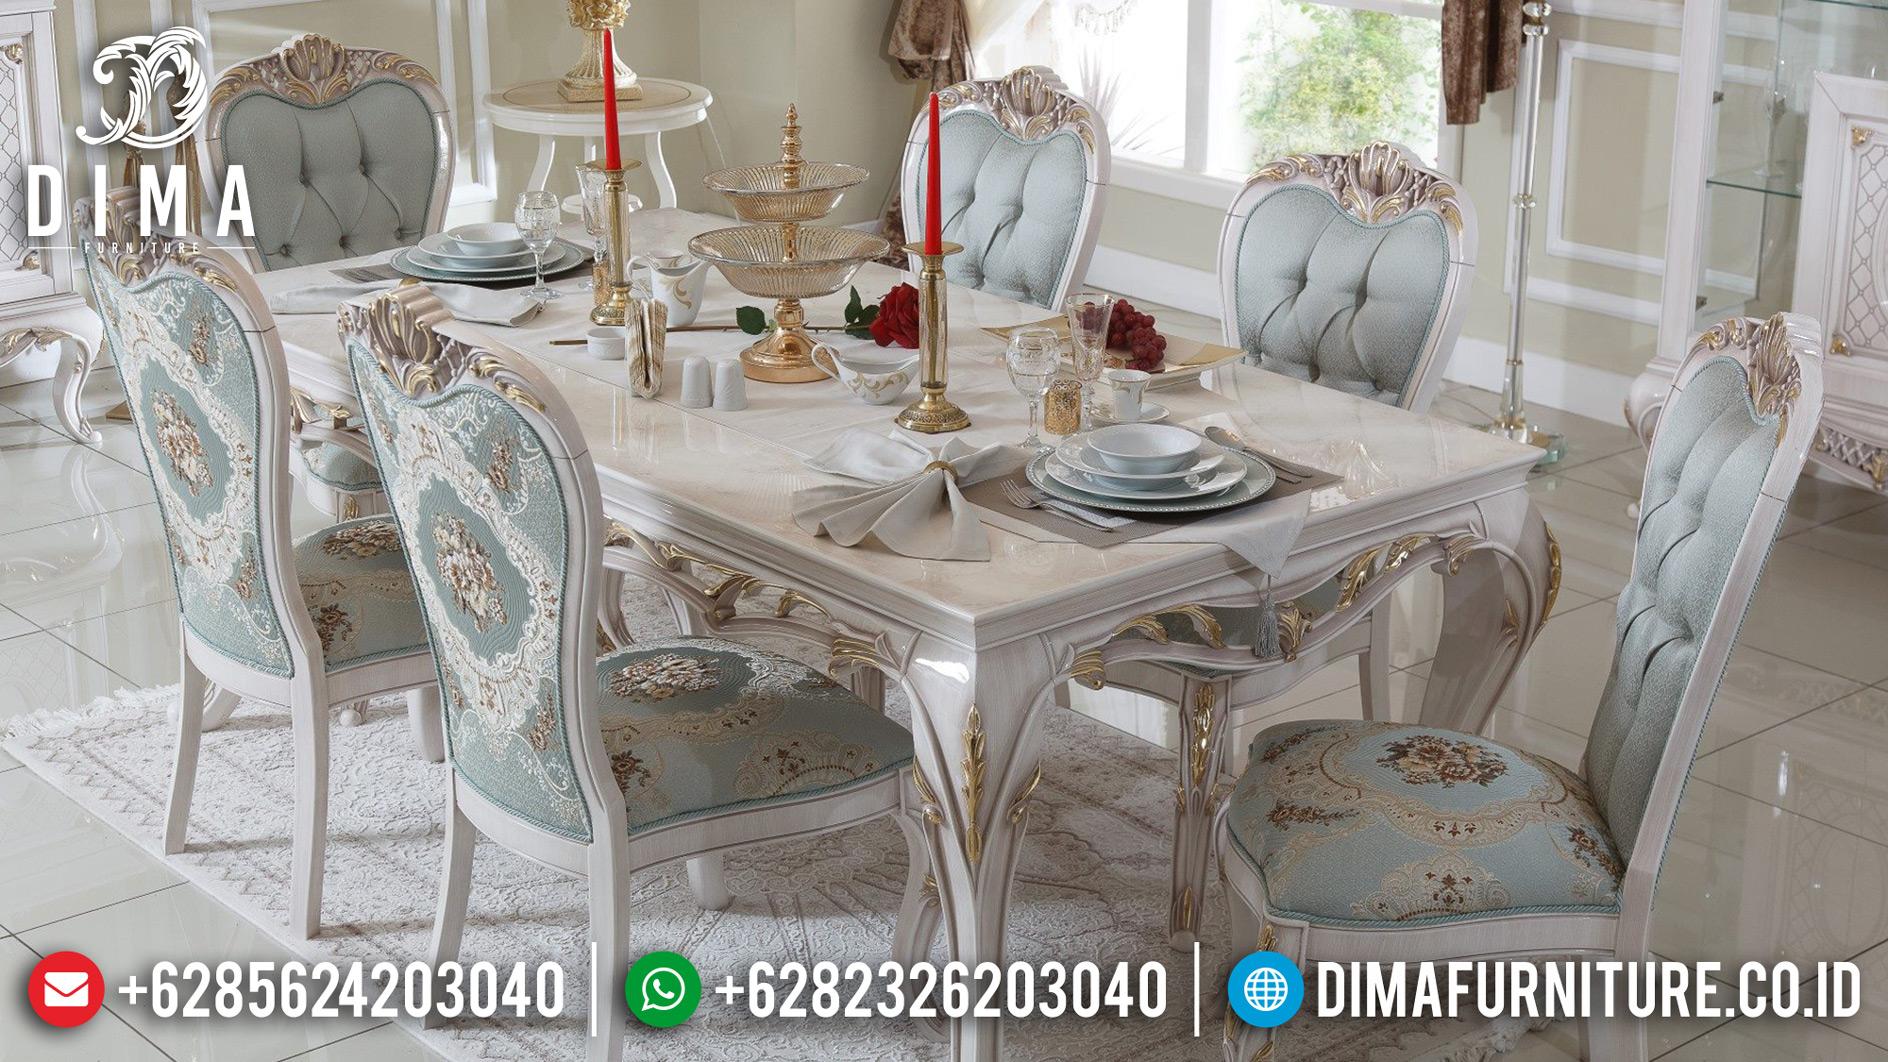 Meja Makan Mewah Jepara Terbaru 2018 12 Dima Furniture Jepara